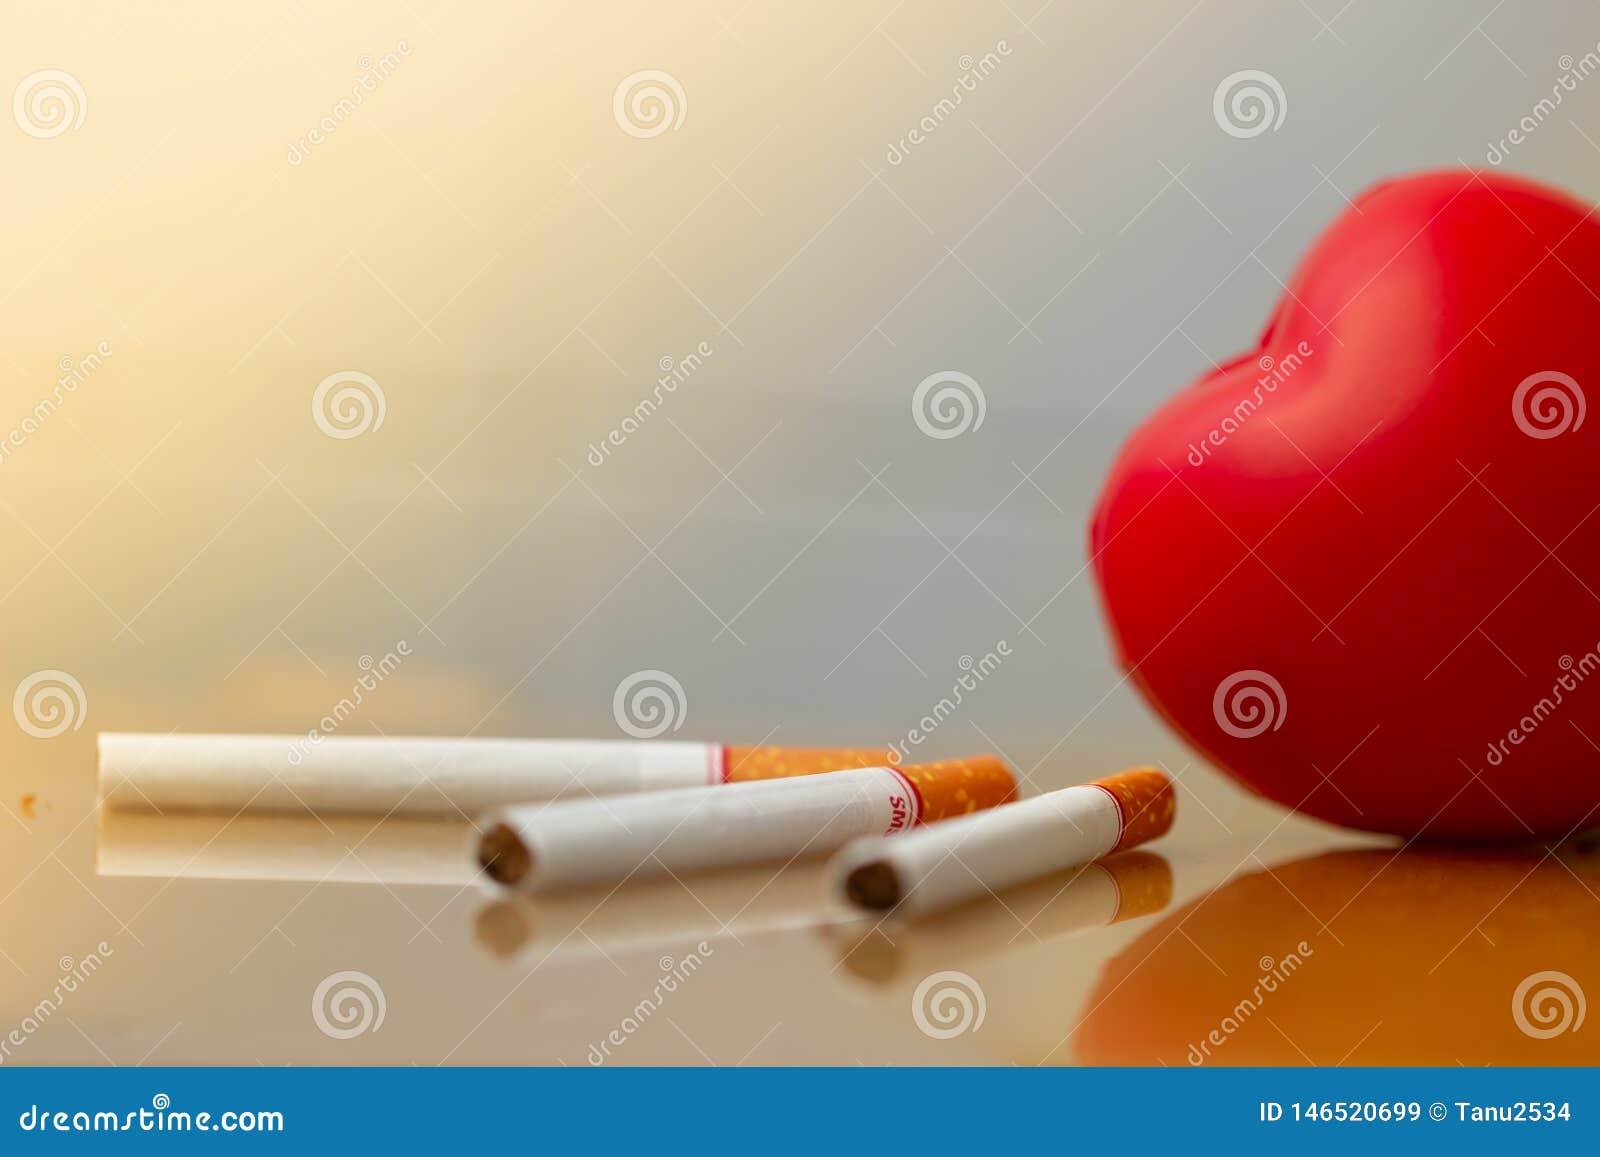 Κόκκινα καρδιά και τσιγάρα Καπνίζοντας τσιγάρο που καταστρέφει την υγεία καρδιακές παθήσεις